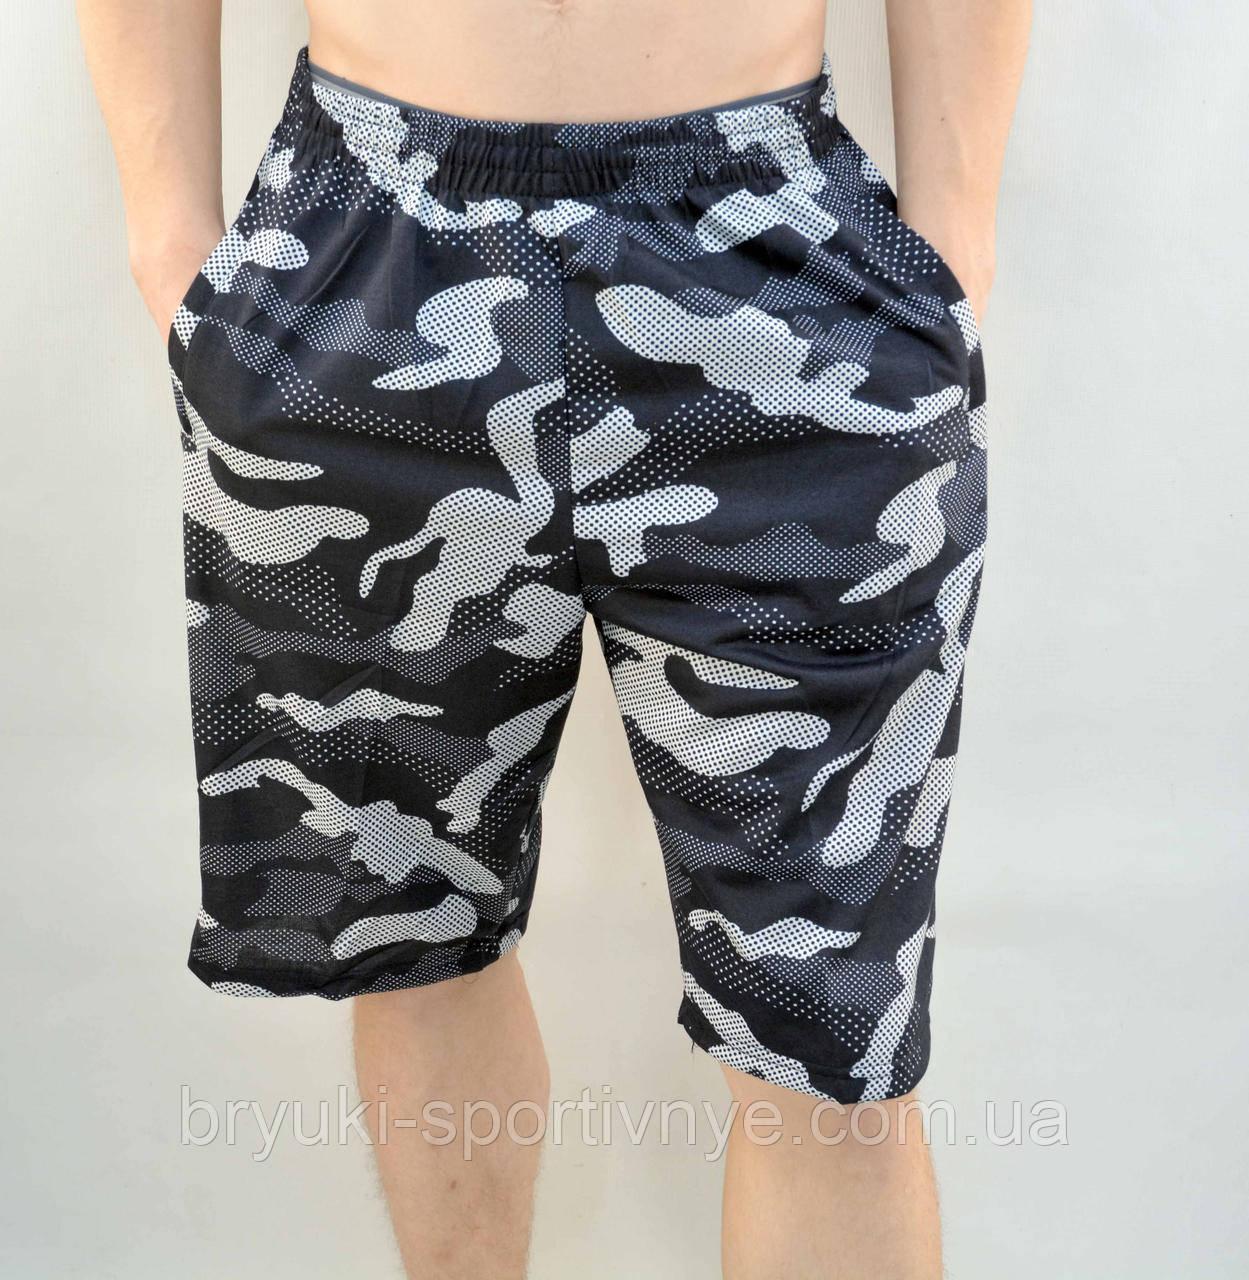 Шорты мужские камуфляжные в хороших размерах и молниями на карманах - трикотаж Бриджи камуфляж XL - 5XL